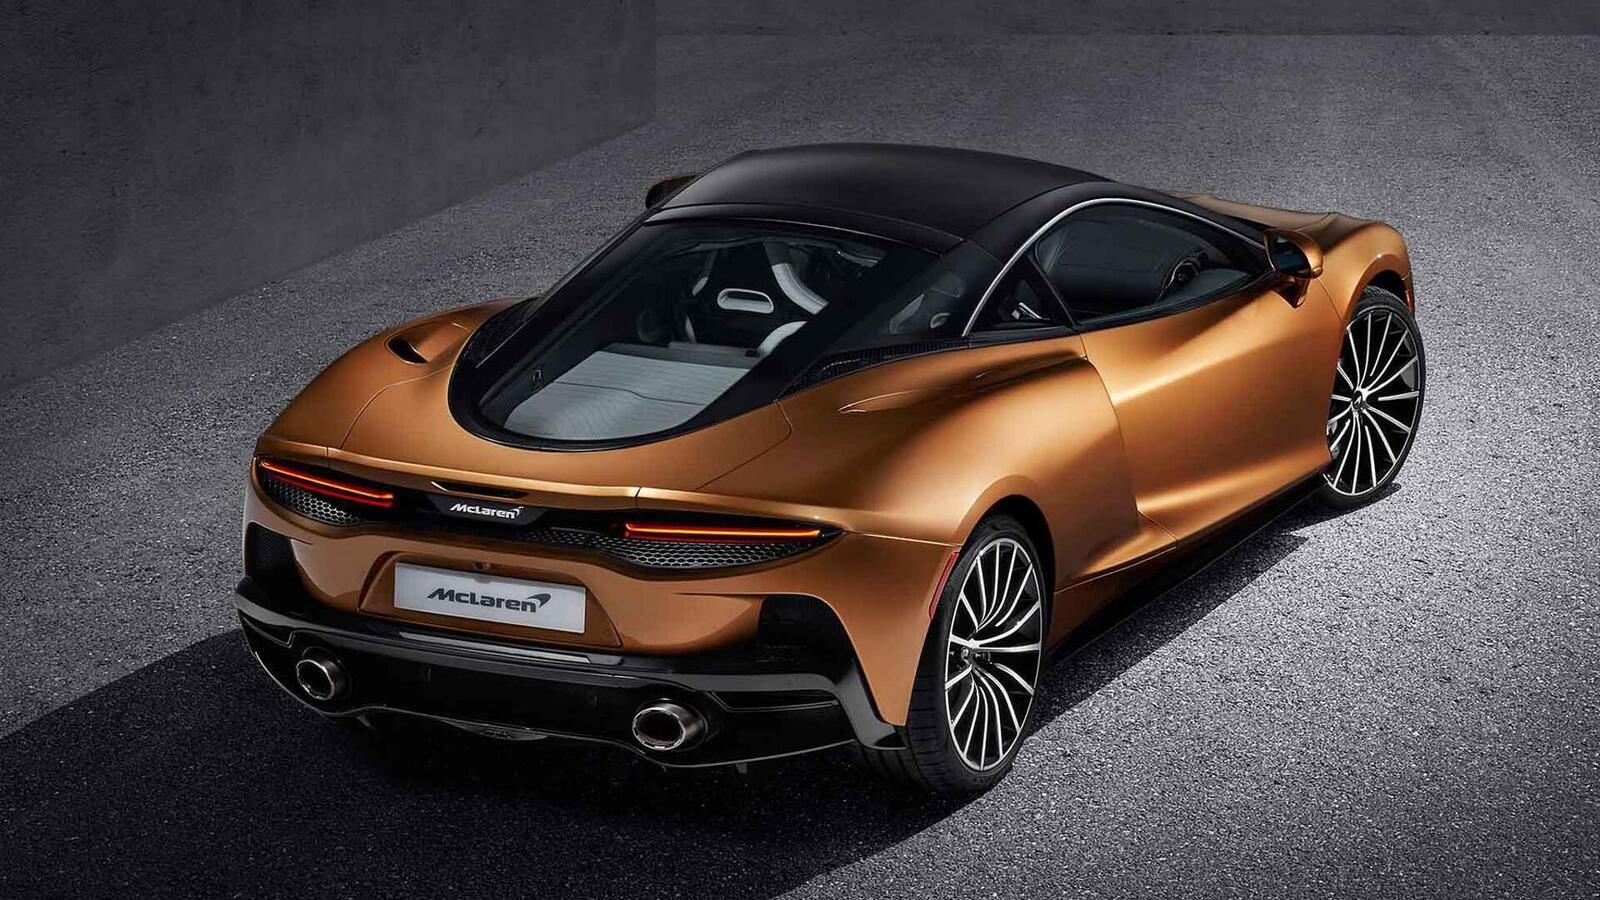 McLaren giới thiệu siêu xe GT 2020 hoàn toàn mới: Động cơ mạnh mẽ và cabin thoải mái - Hình 3